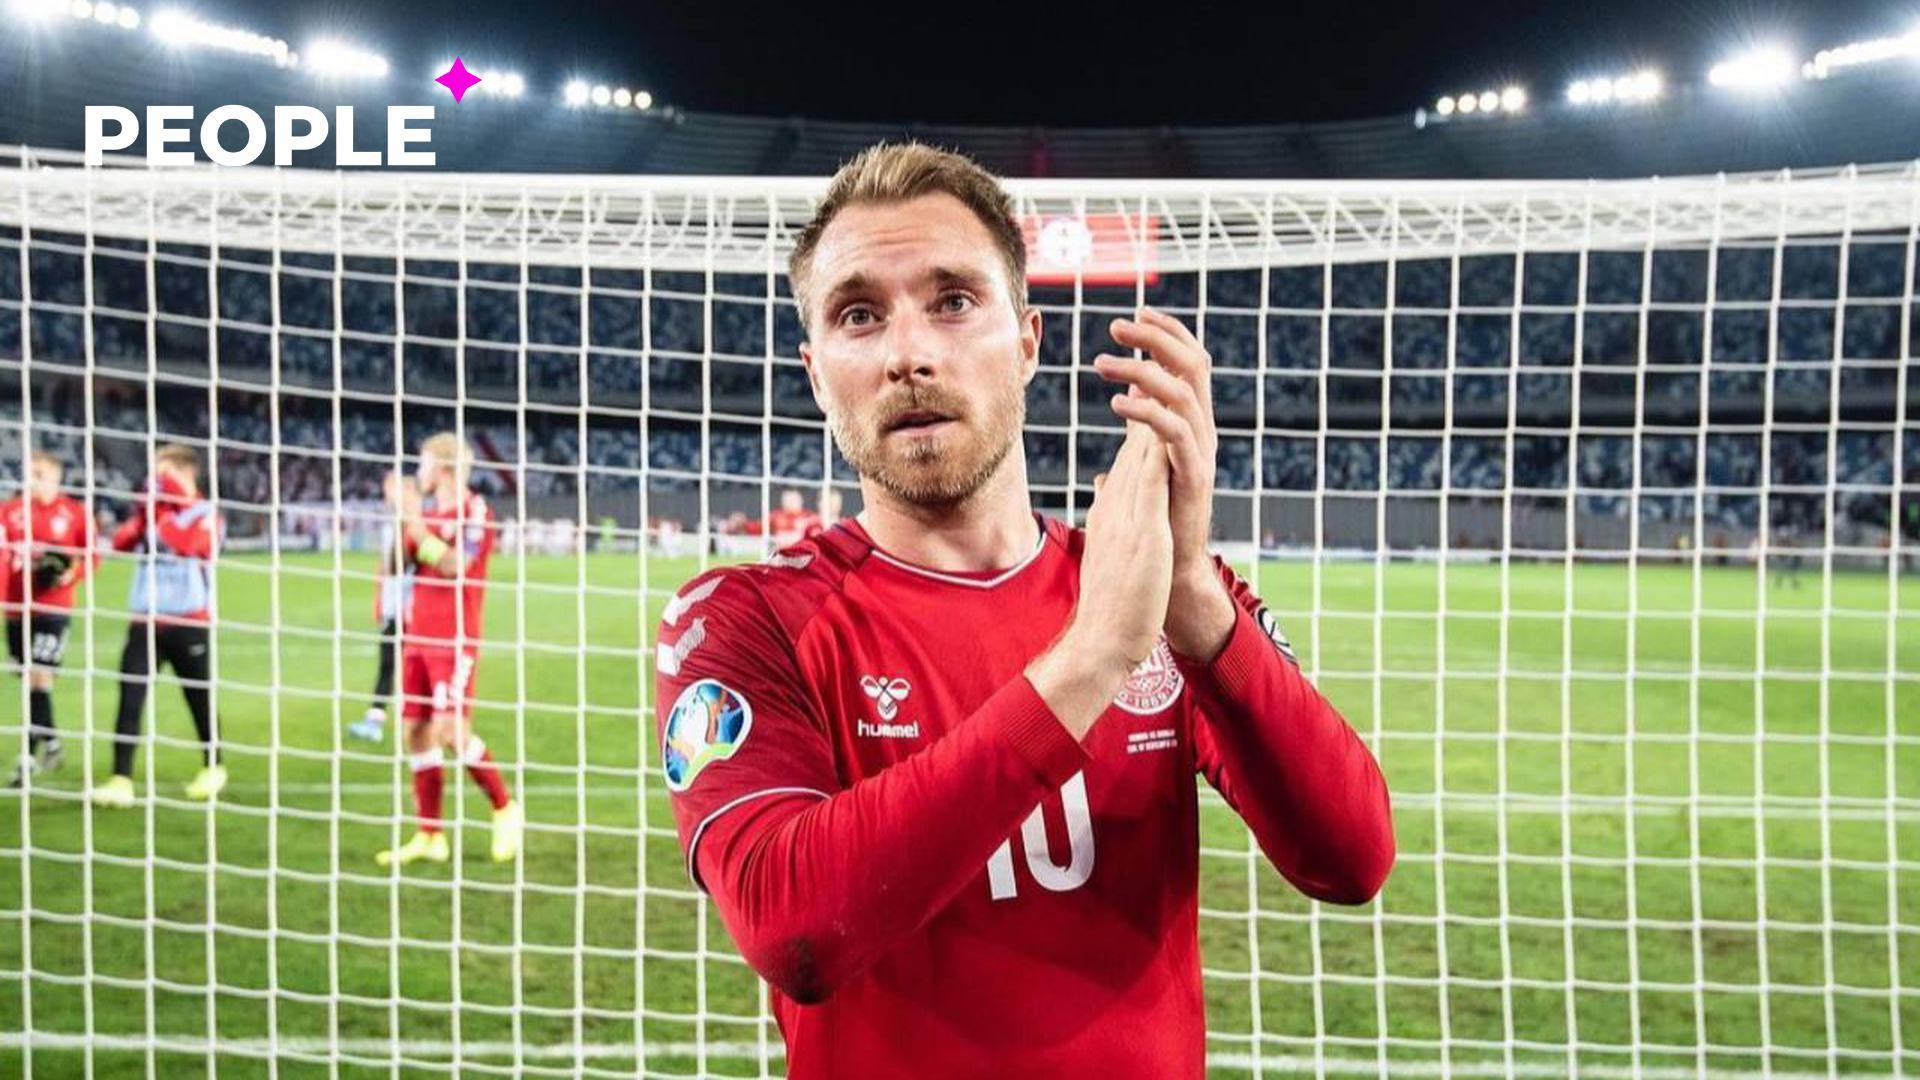 Датский футболист, перенёсший остановку сердца во время матча, опубликовал селфи из больницы — фото